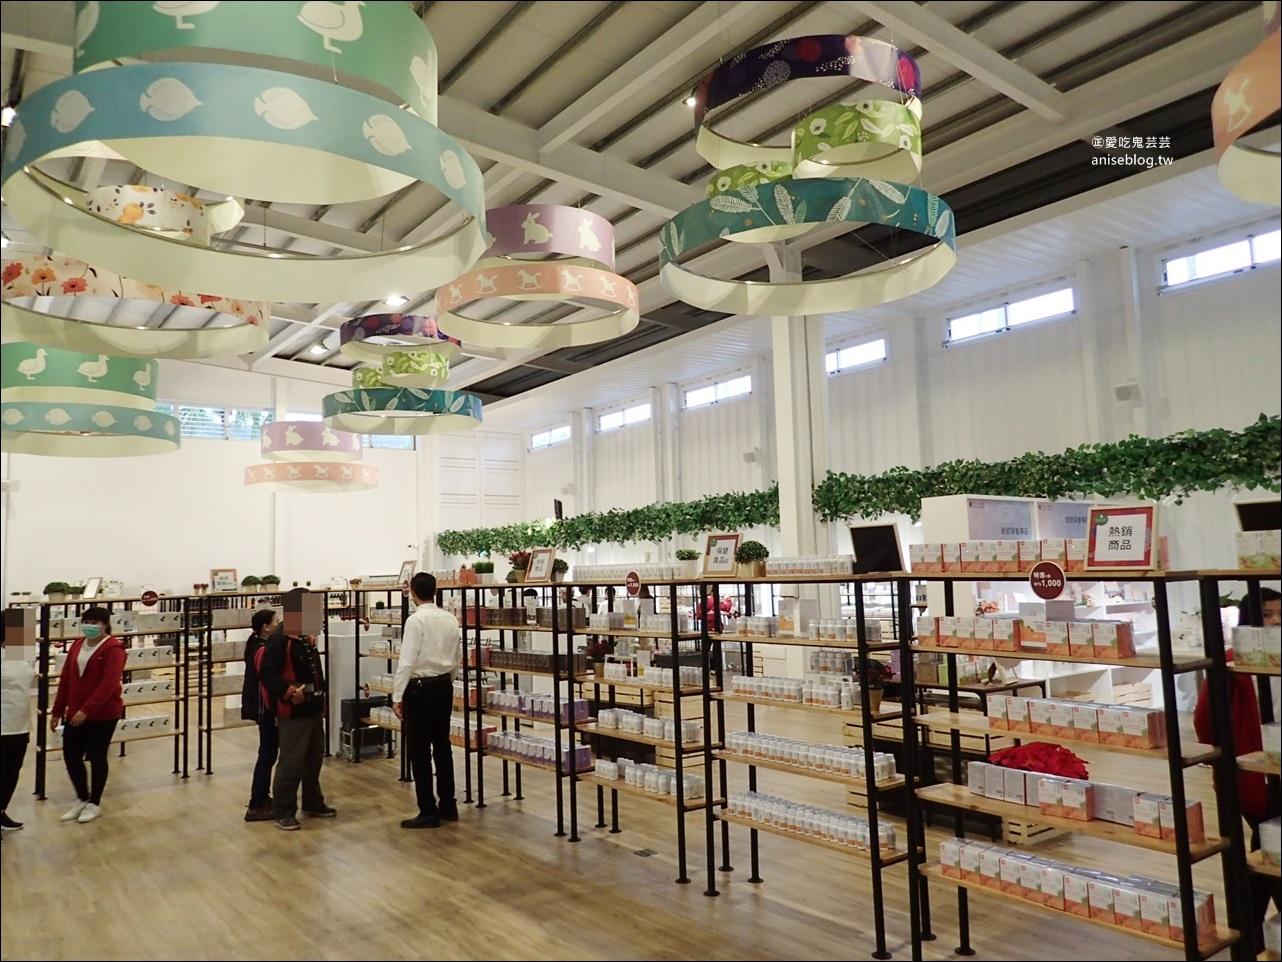 龍潭湖畔悠活園區Herbelle,白色貨櫃屋IG熱門打卡點,宜蘭新室內旅遊景點(姊姊遊記)